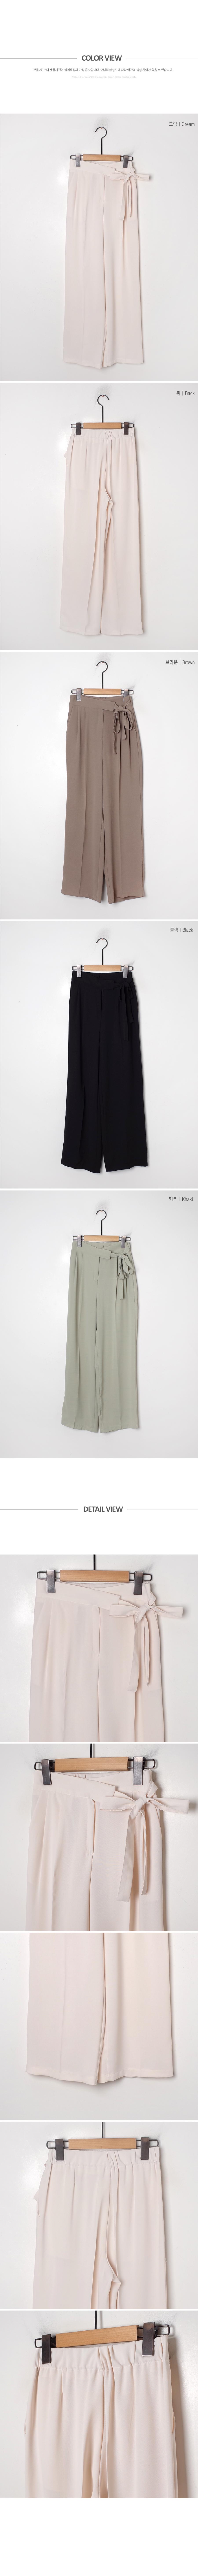 Tight fit string slacks